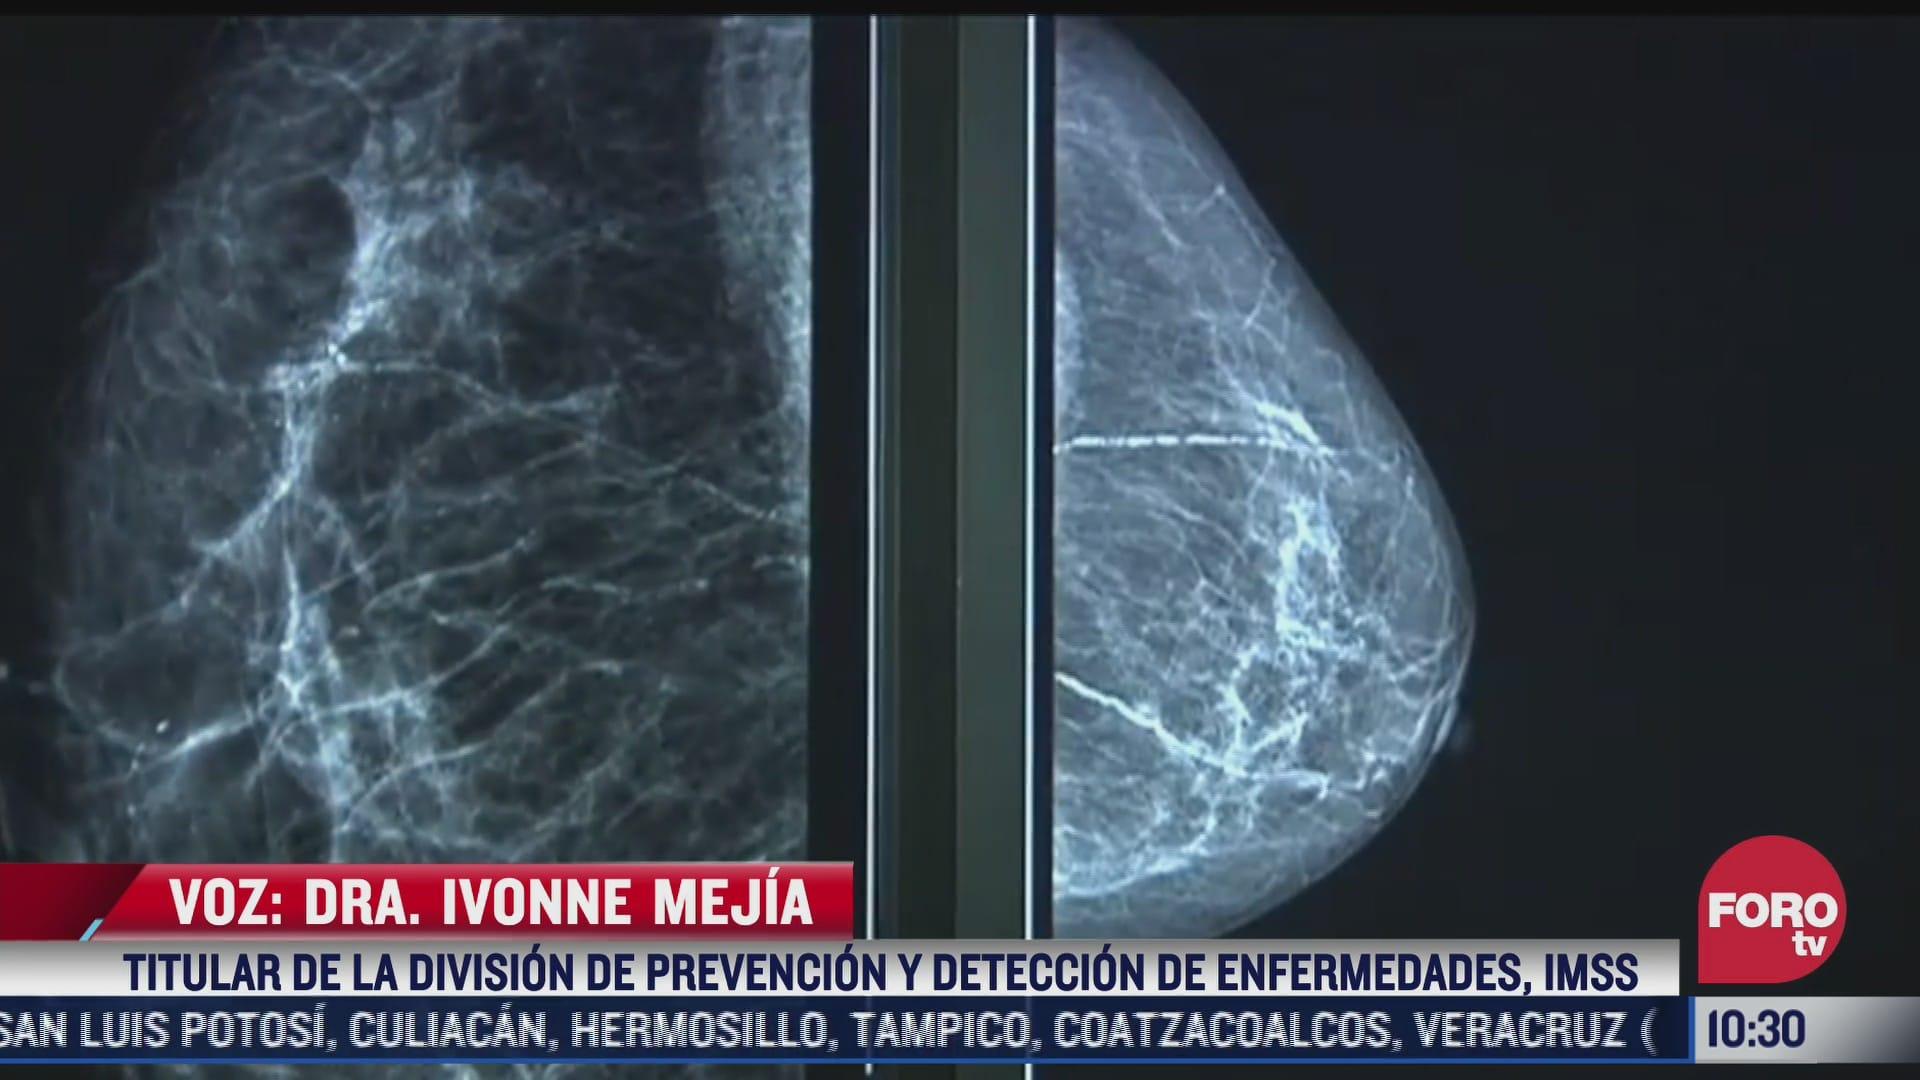 deteccion oportuna clave en tratamiento del cancer de mama